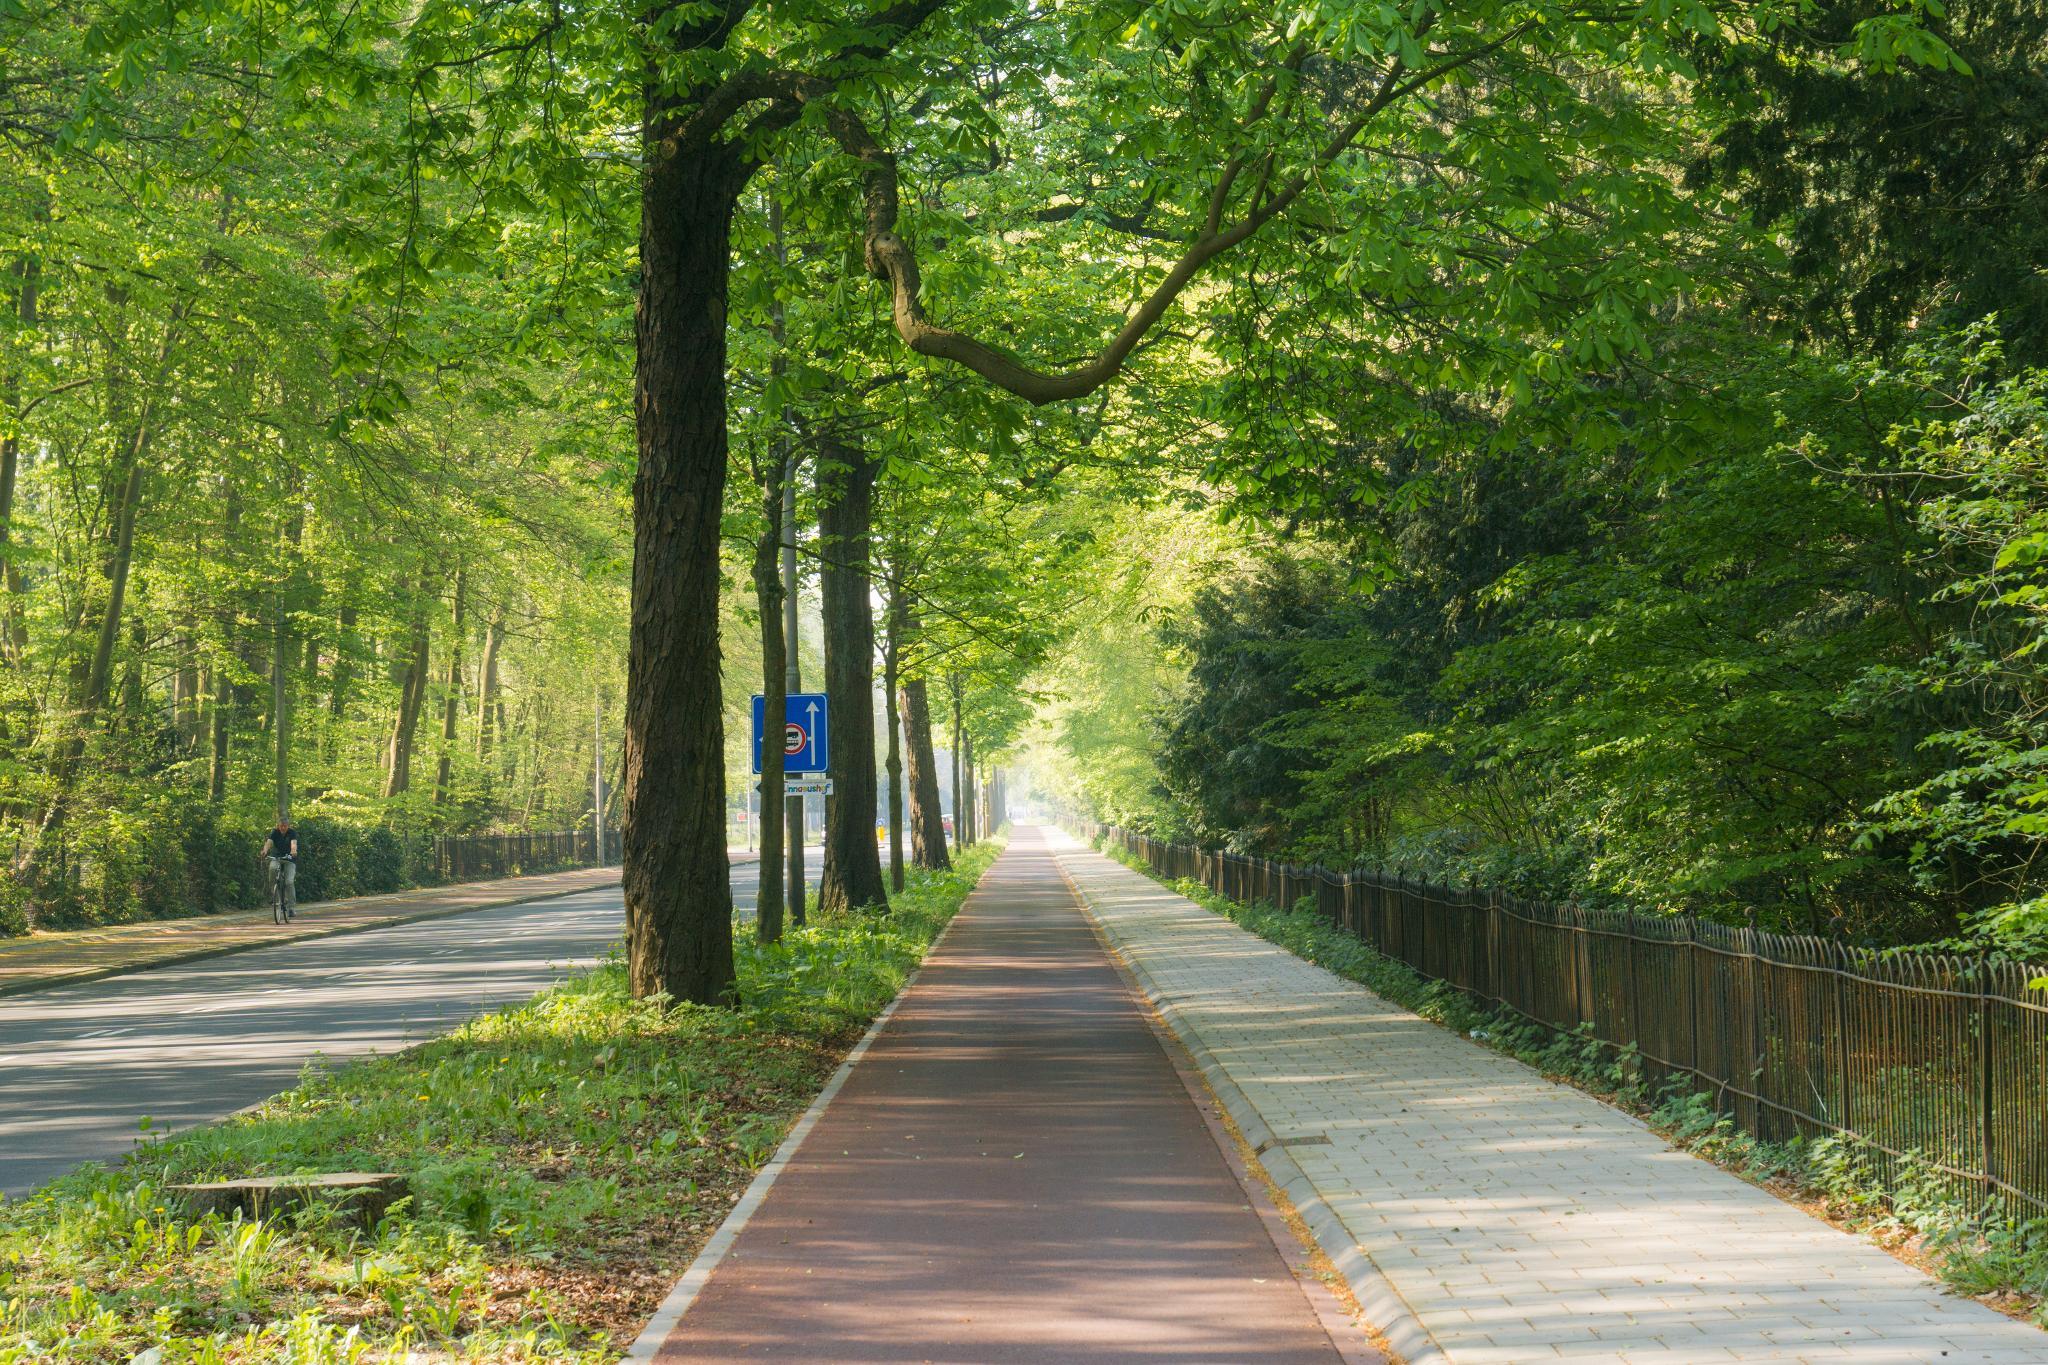 【荷蘭印象】花田嬉事:荷蘭單車花之路 2